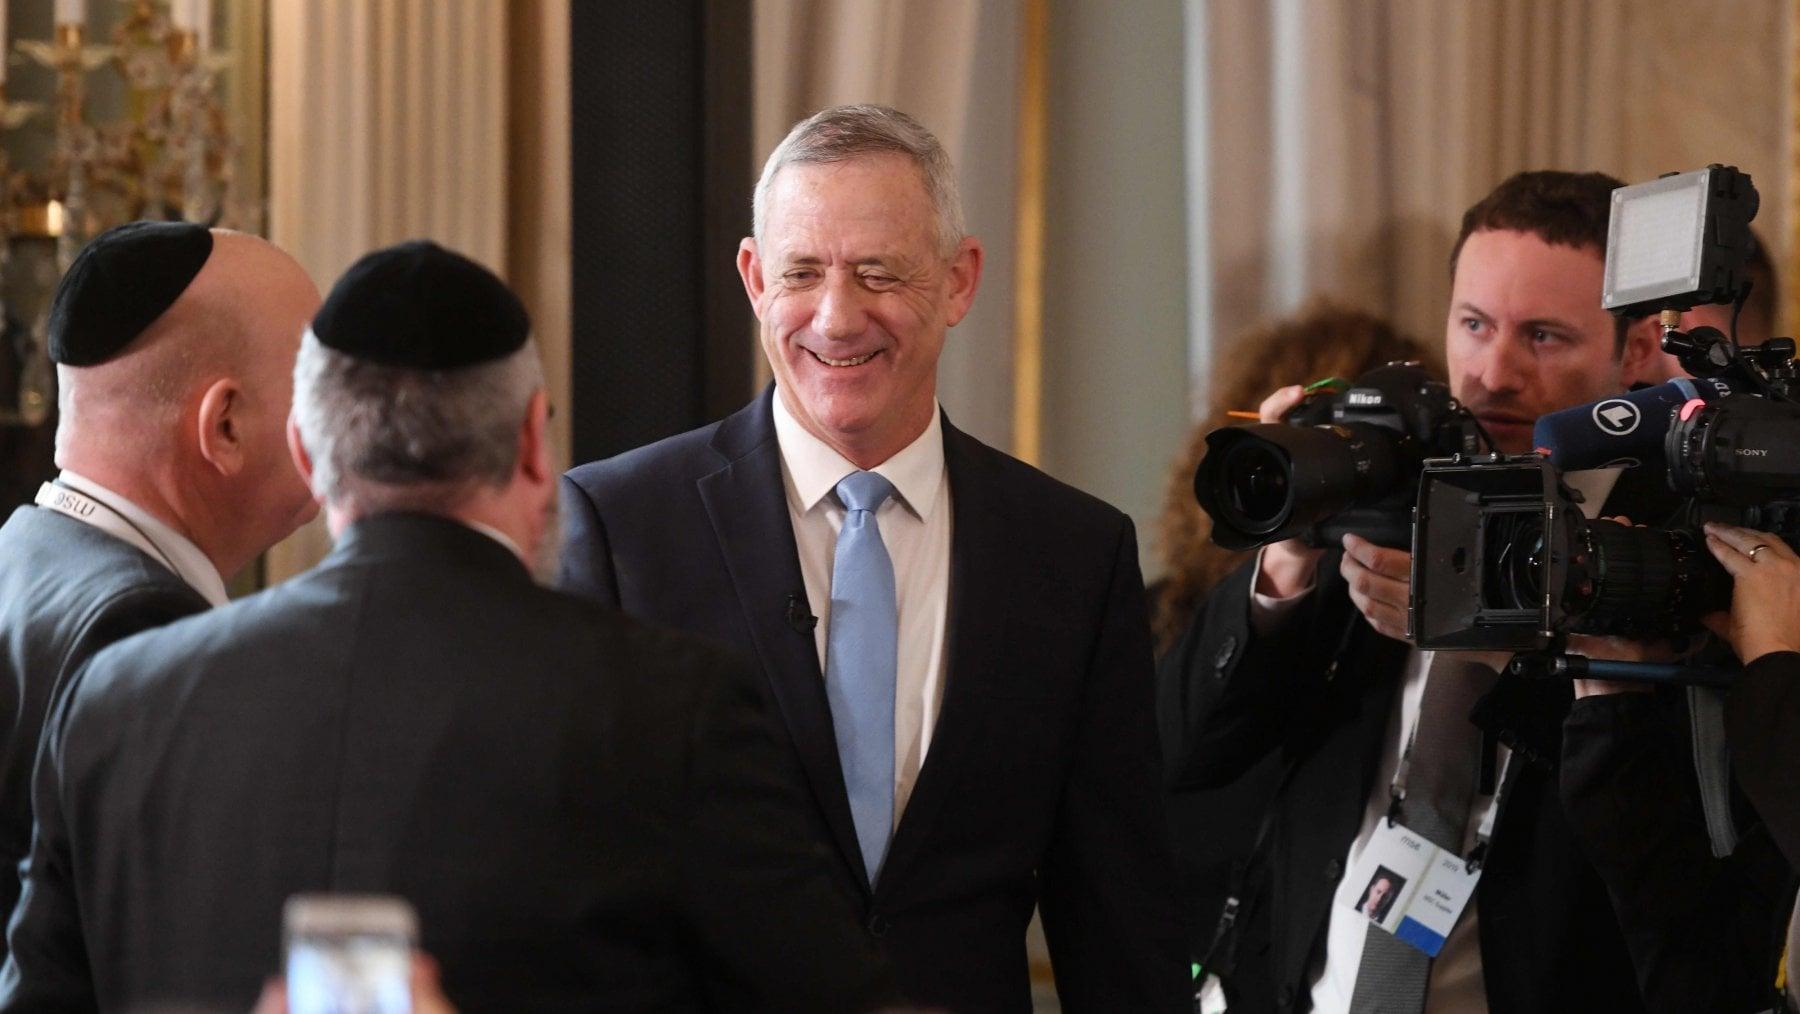 Chiesta incriminazione per Netanyahu